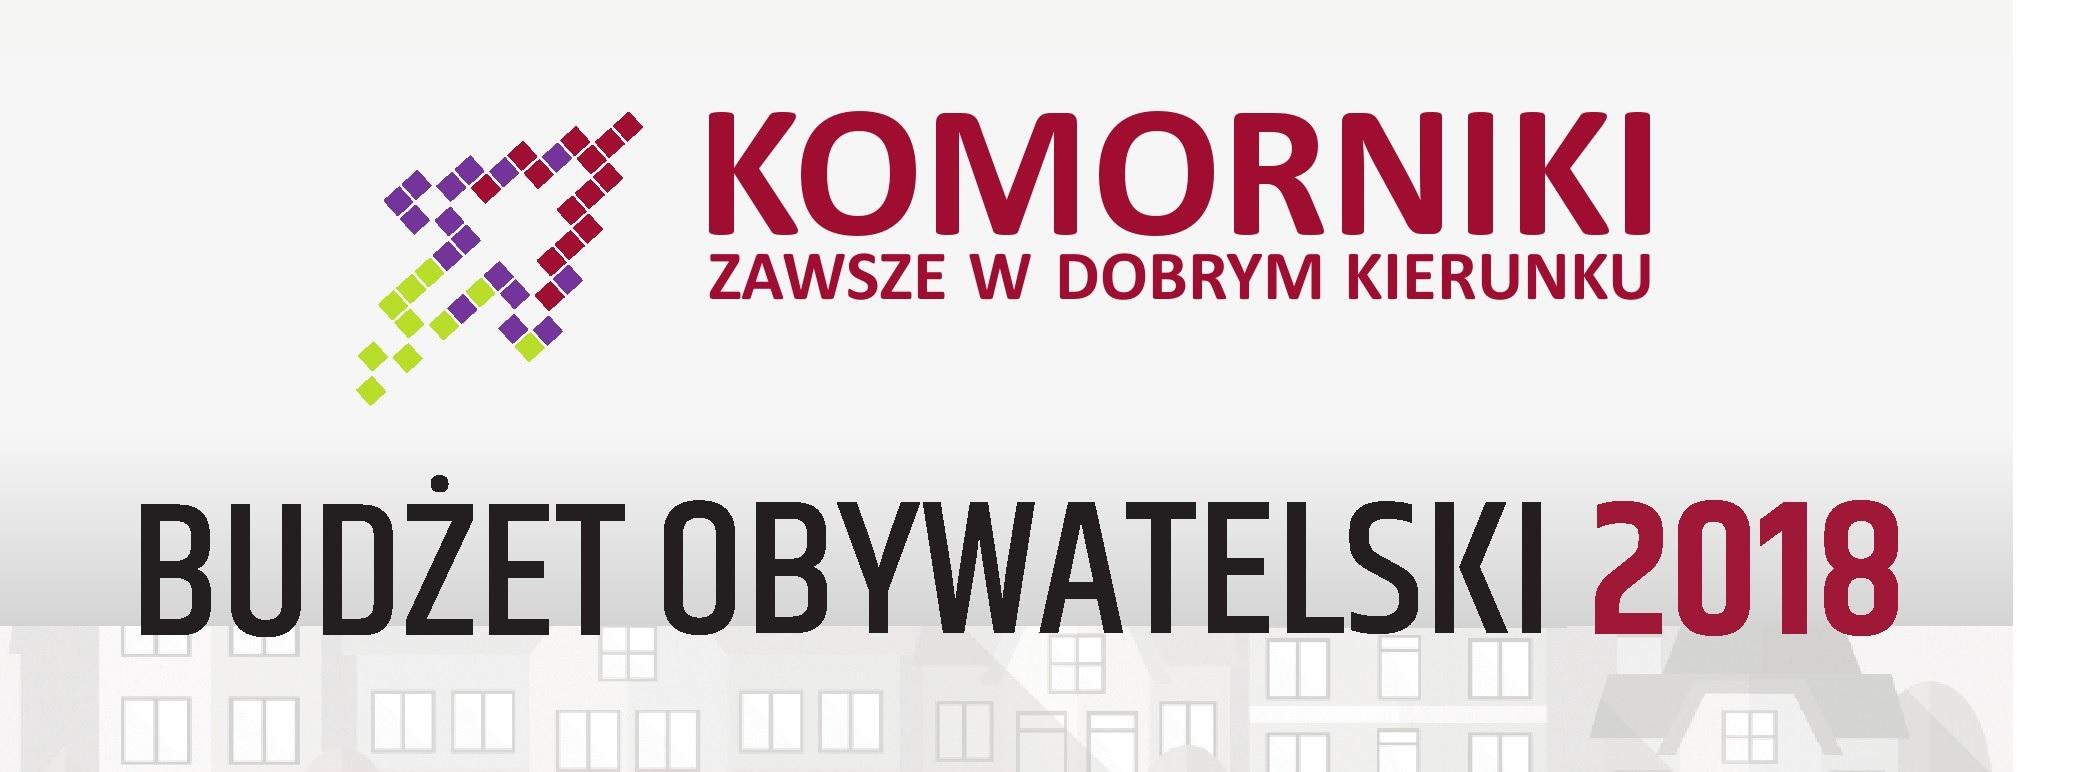 Logotyp Budżet Obywatelski Komorniki